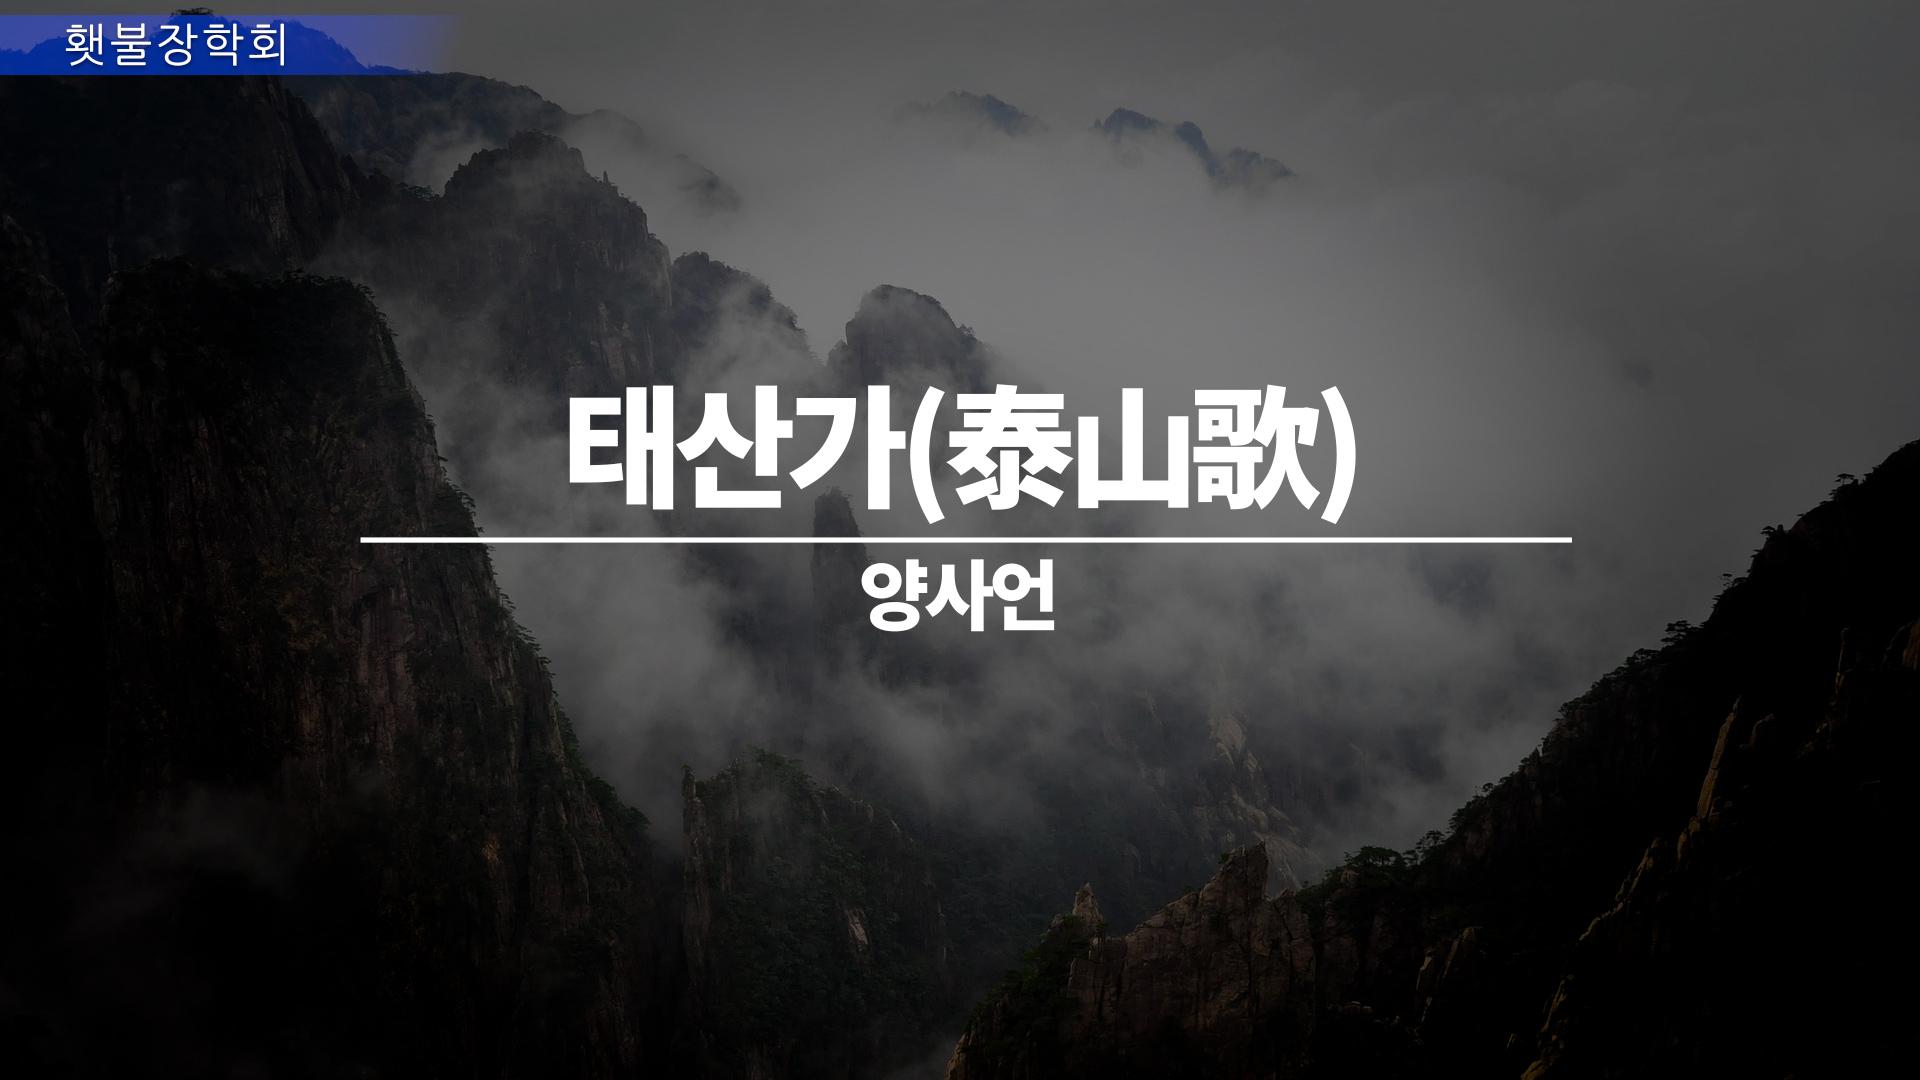 210503_횃불_title.jpg